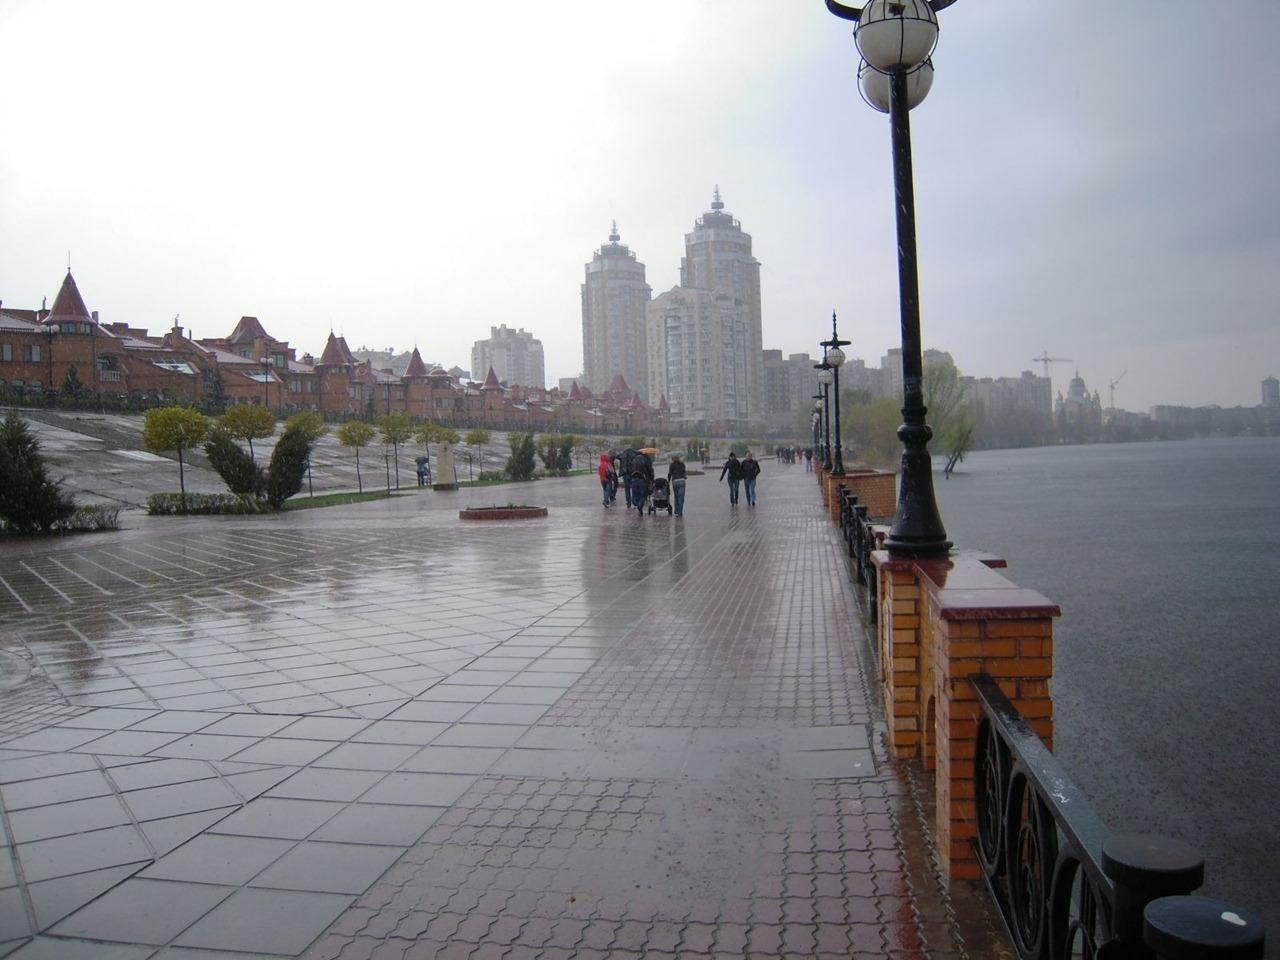 У Києві завтра пройде дощ / lifekiev.com